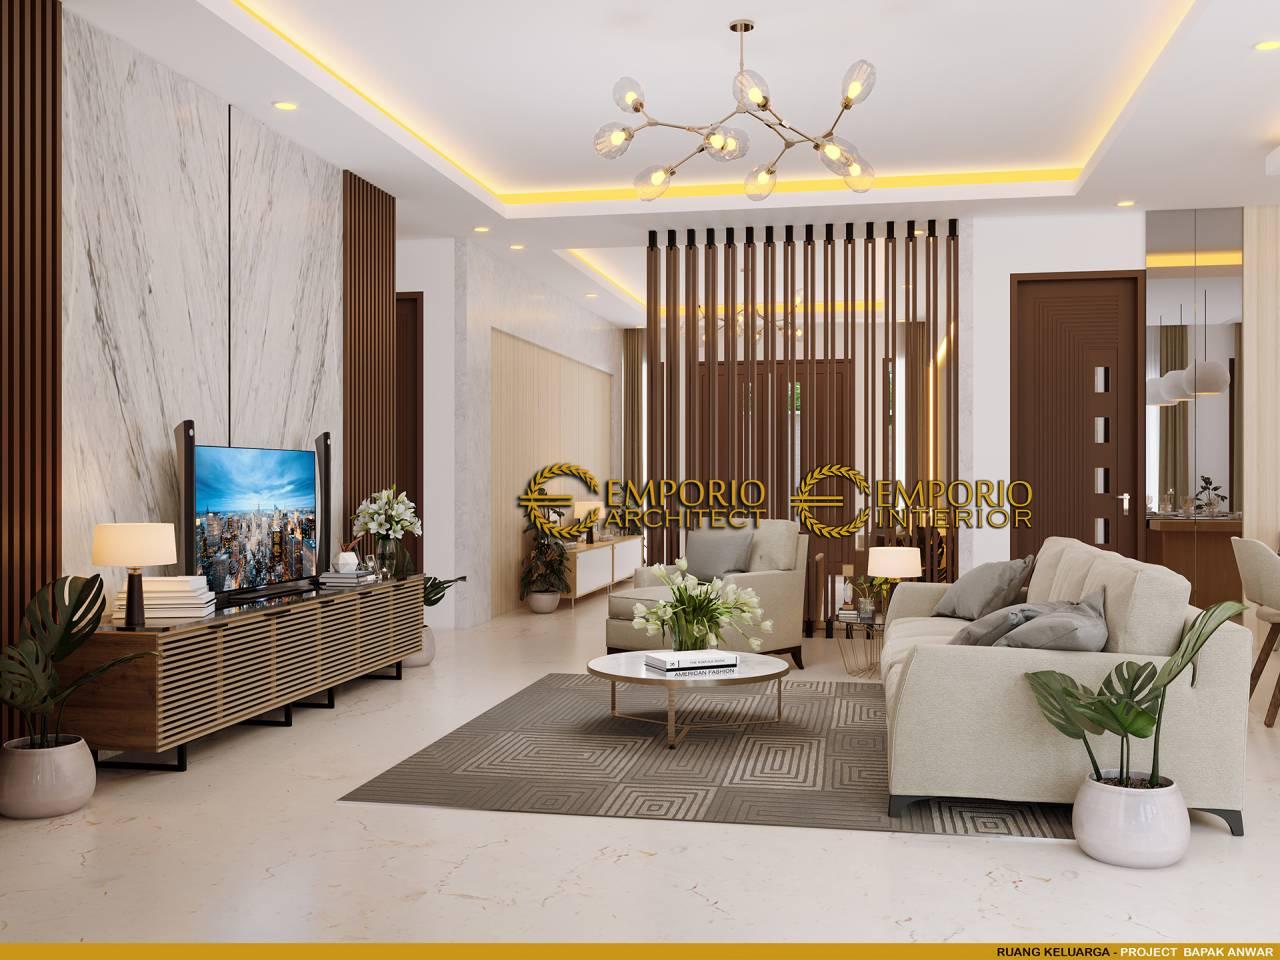 Desain Interior Rumah Modern 1 Lantai Bapak Anwar Di Aceh Desain Interior Rumah Modern 1 Lantai Bapak Anwar Di Aceh